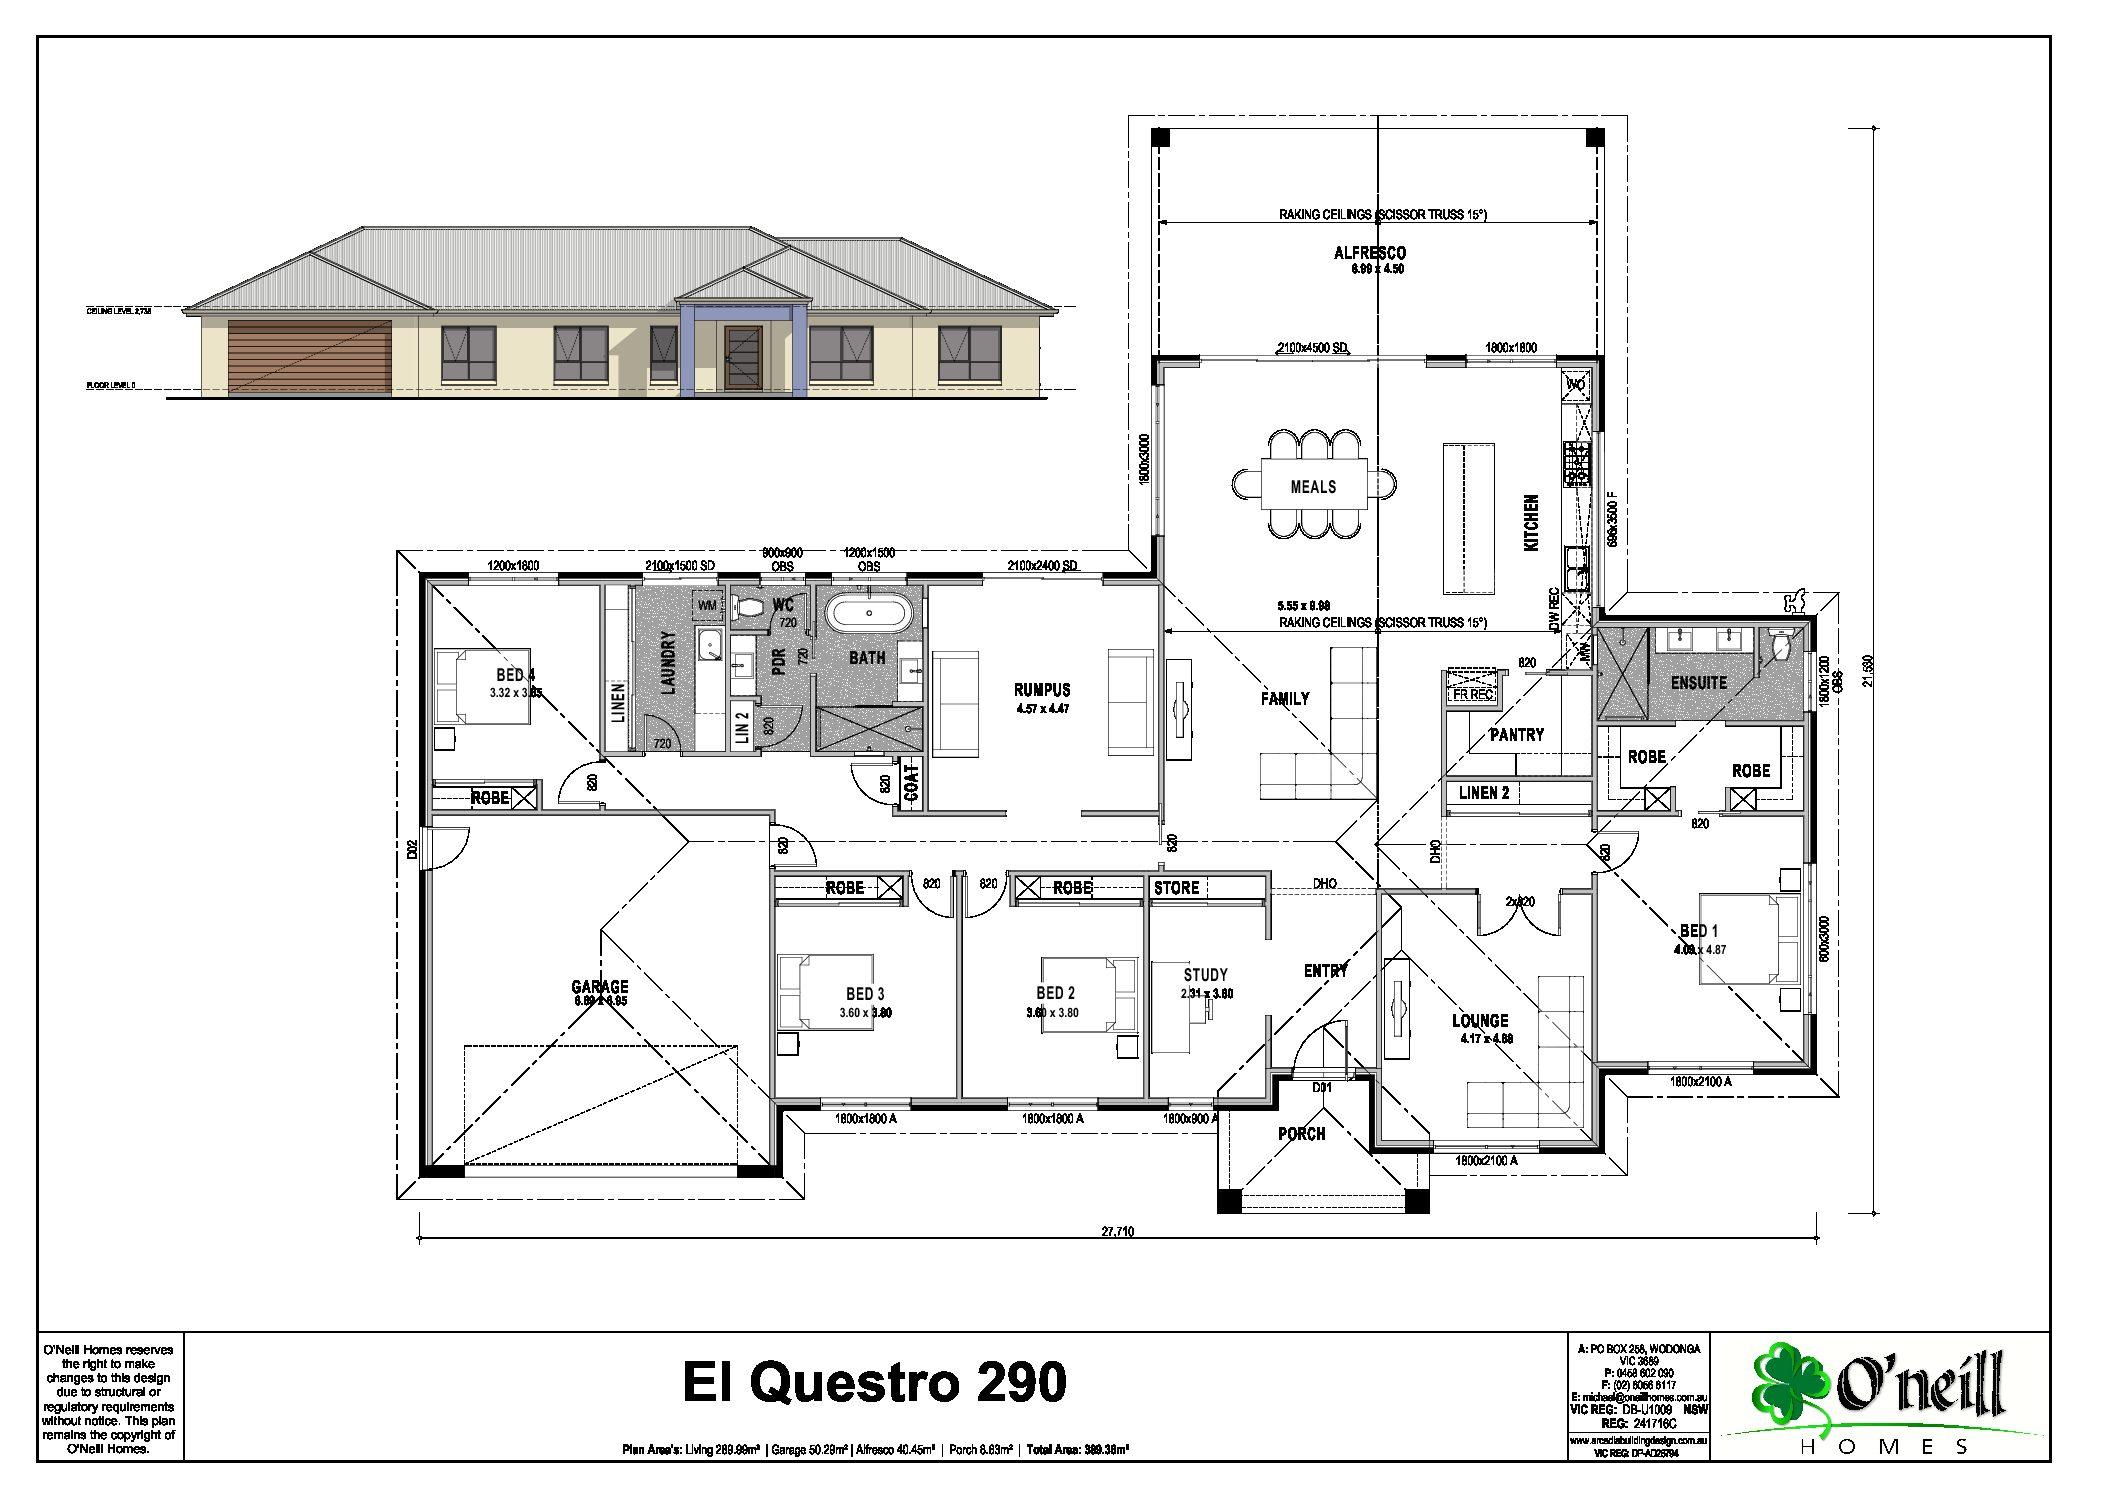 The El Questro